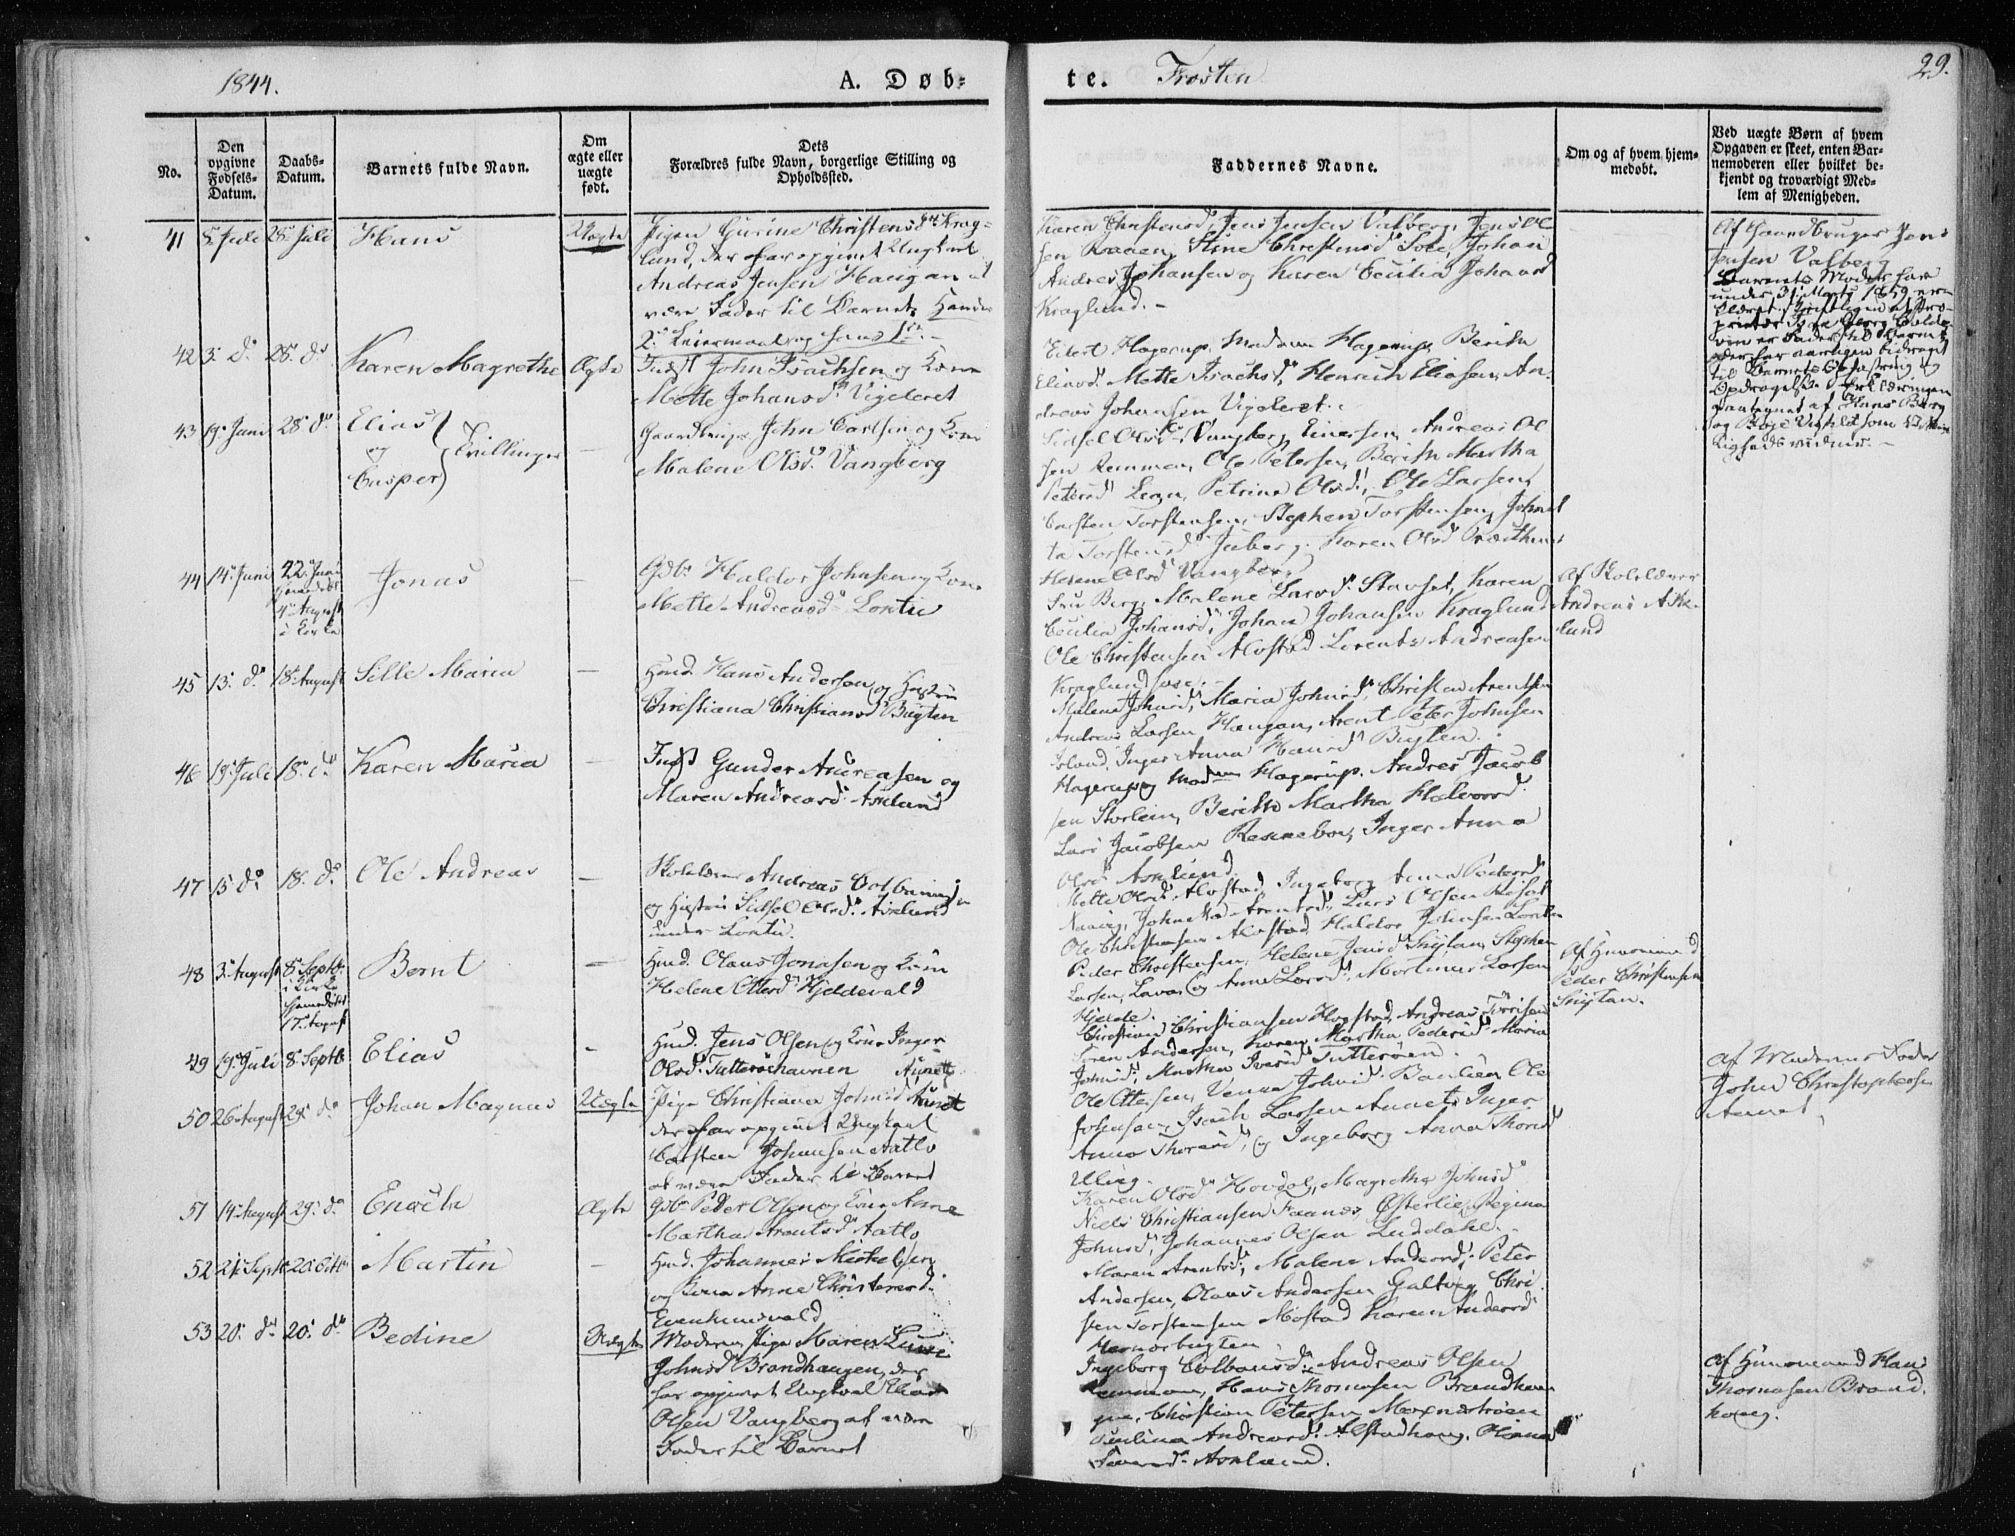 SAT, Ministerialprotokoller, klokkerbøker og fødselsregistre - Nord-Trøndelag, 713/L0115: Ministerialbok nr. 713A06, 1838-1851, s. 29